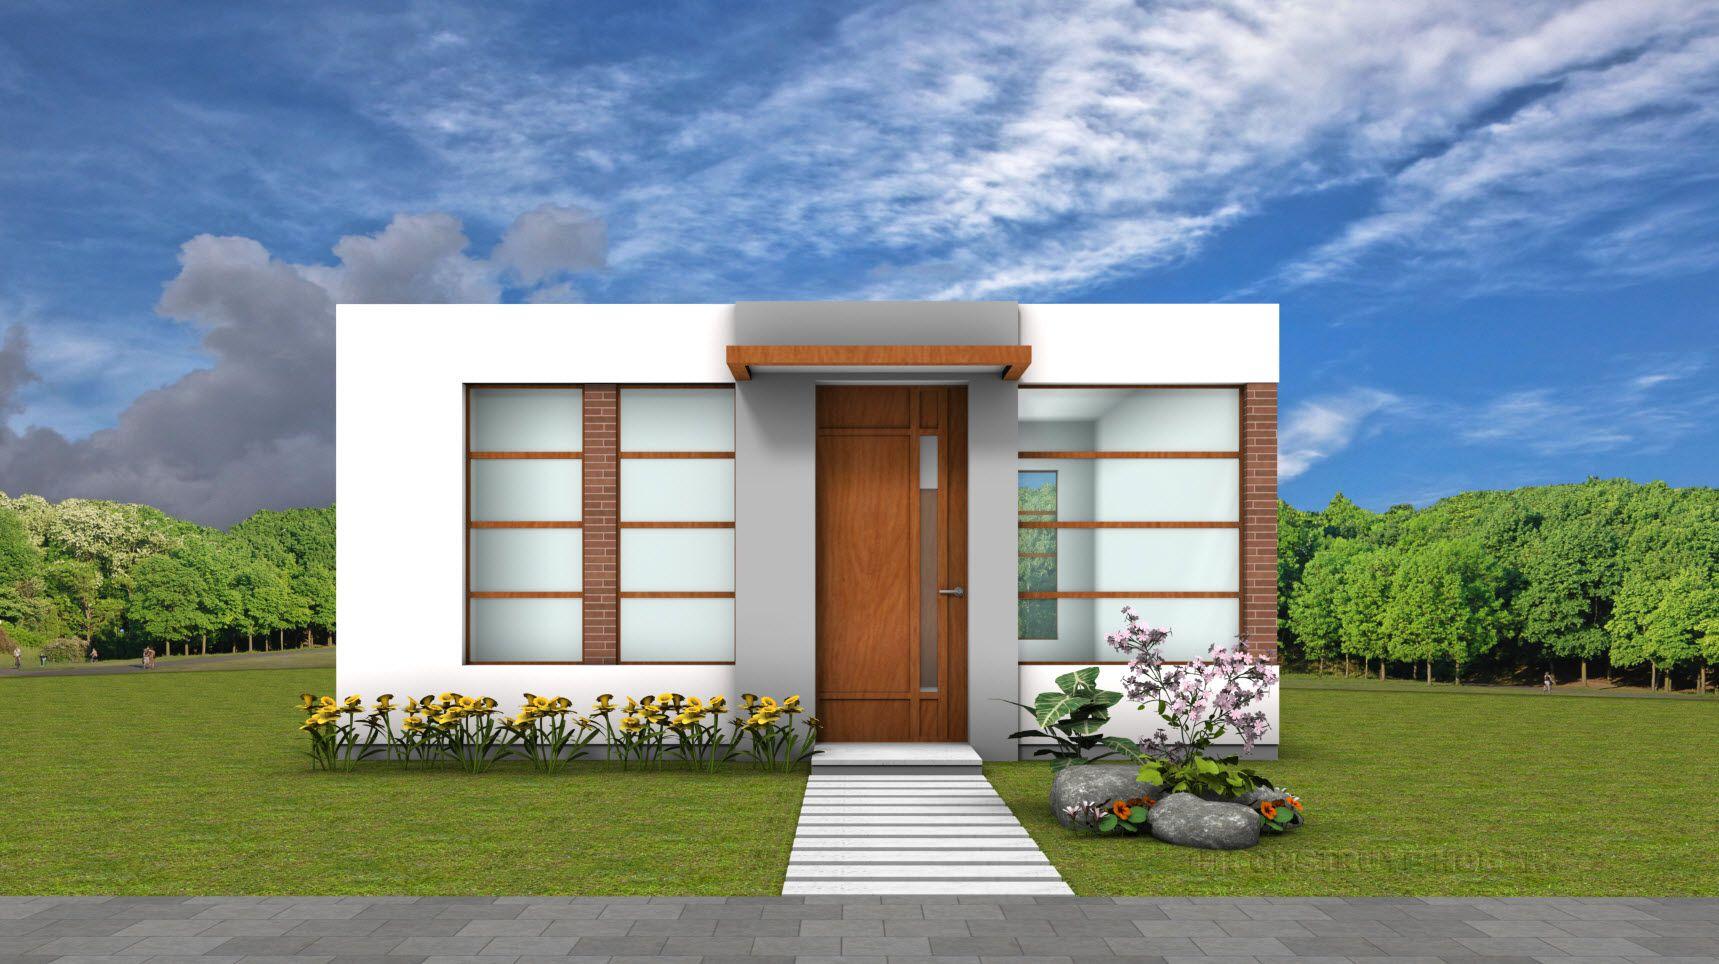 Planos de casa peque a de 42 metros cuadrados casas for Diseno para casa de 90 metros cuadrados